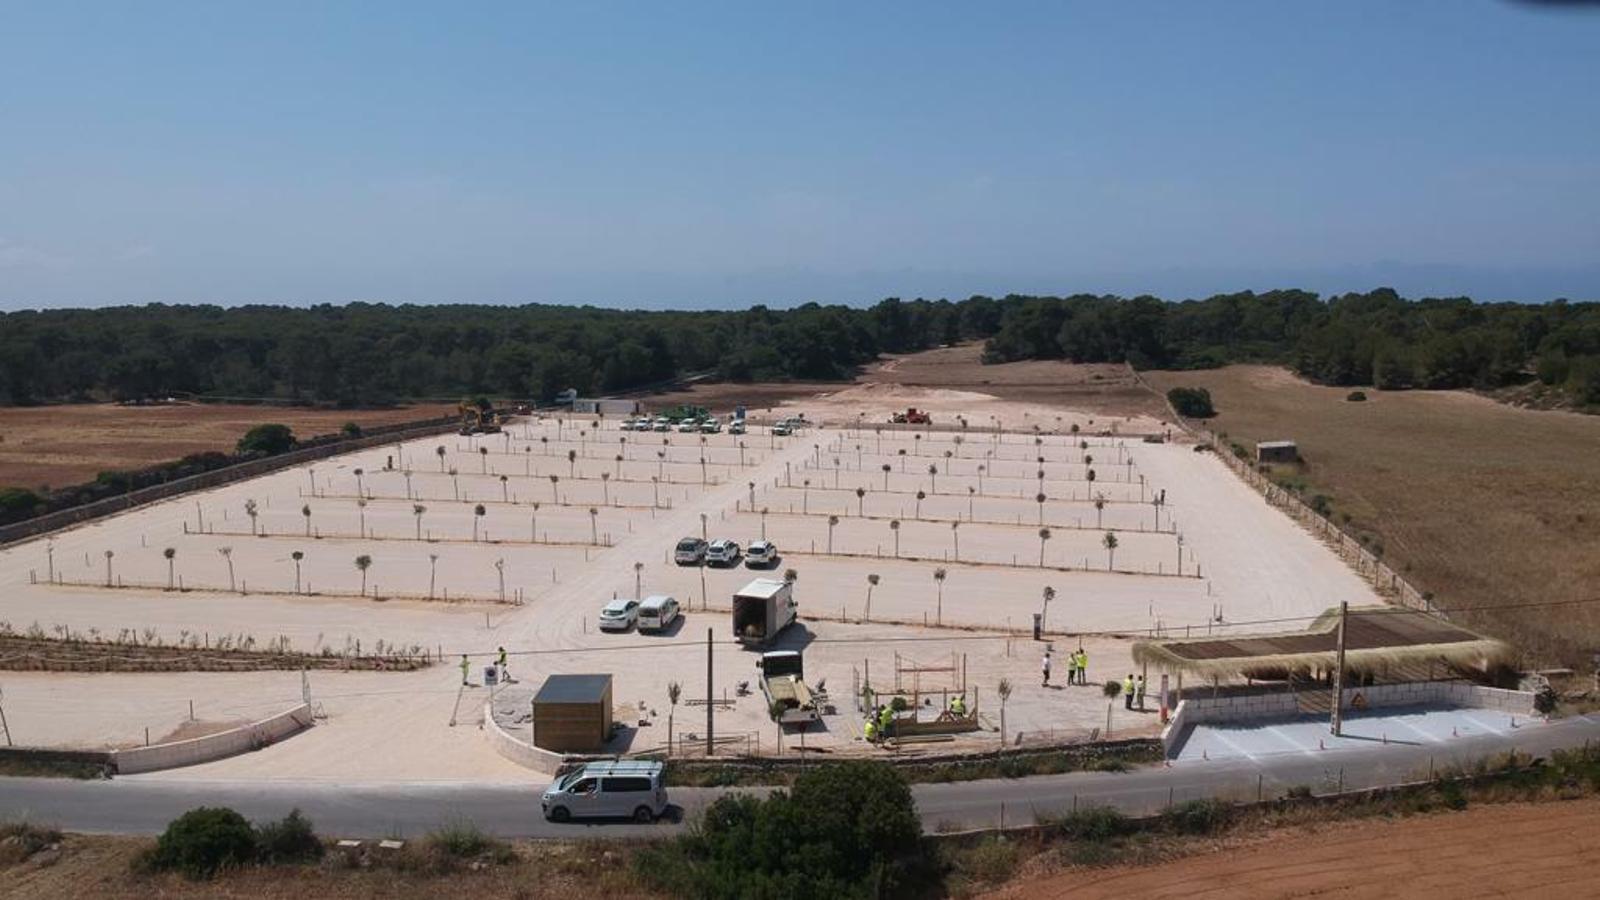 Campos gestionarà el nou aparcament públic del Parc Natural del Trenc